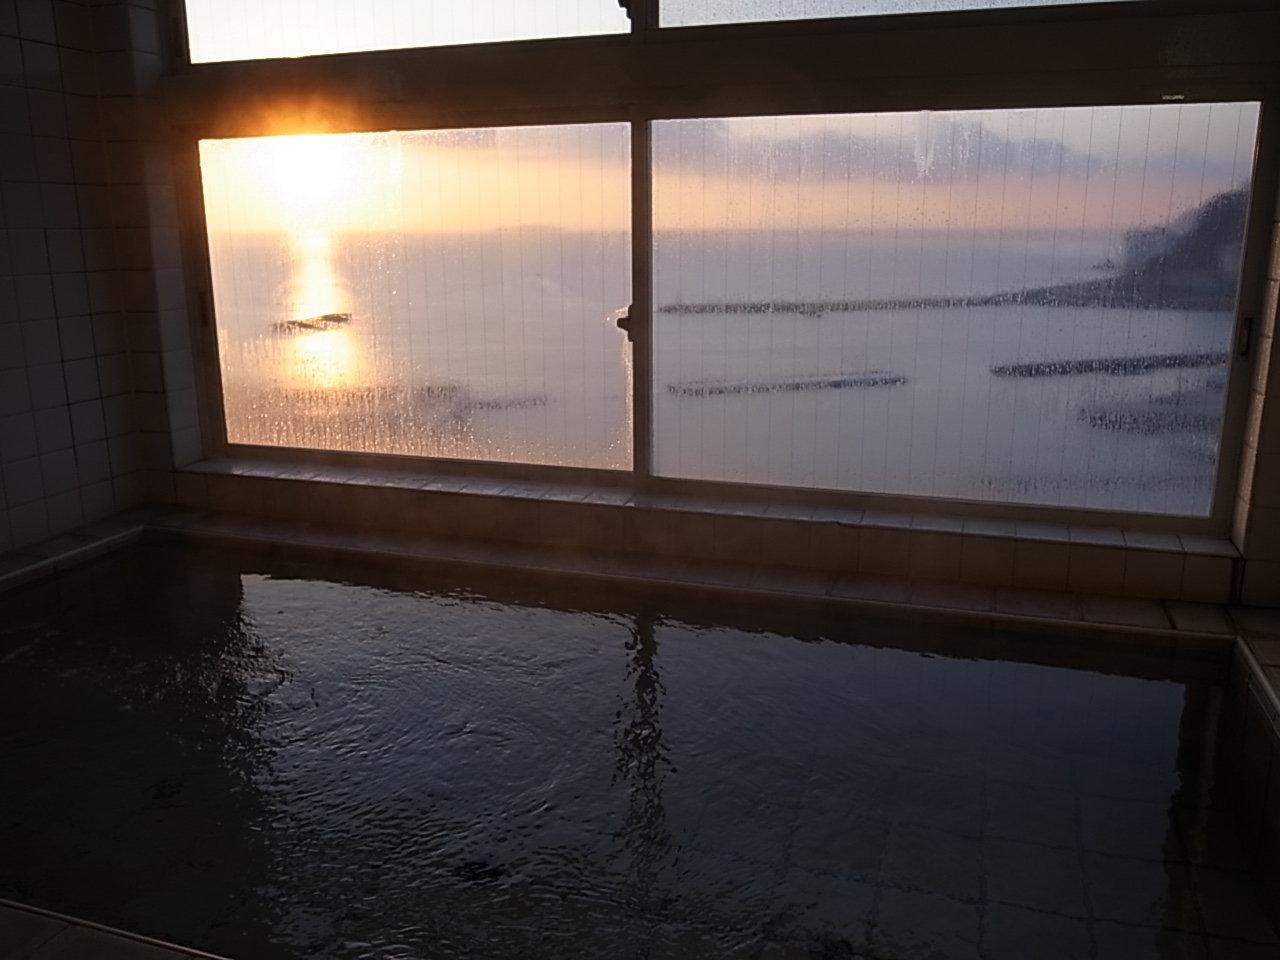 温泉1泊5500円!熱海で最強のノマドスペースを発見した